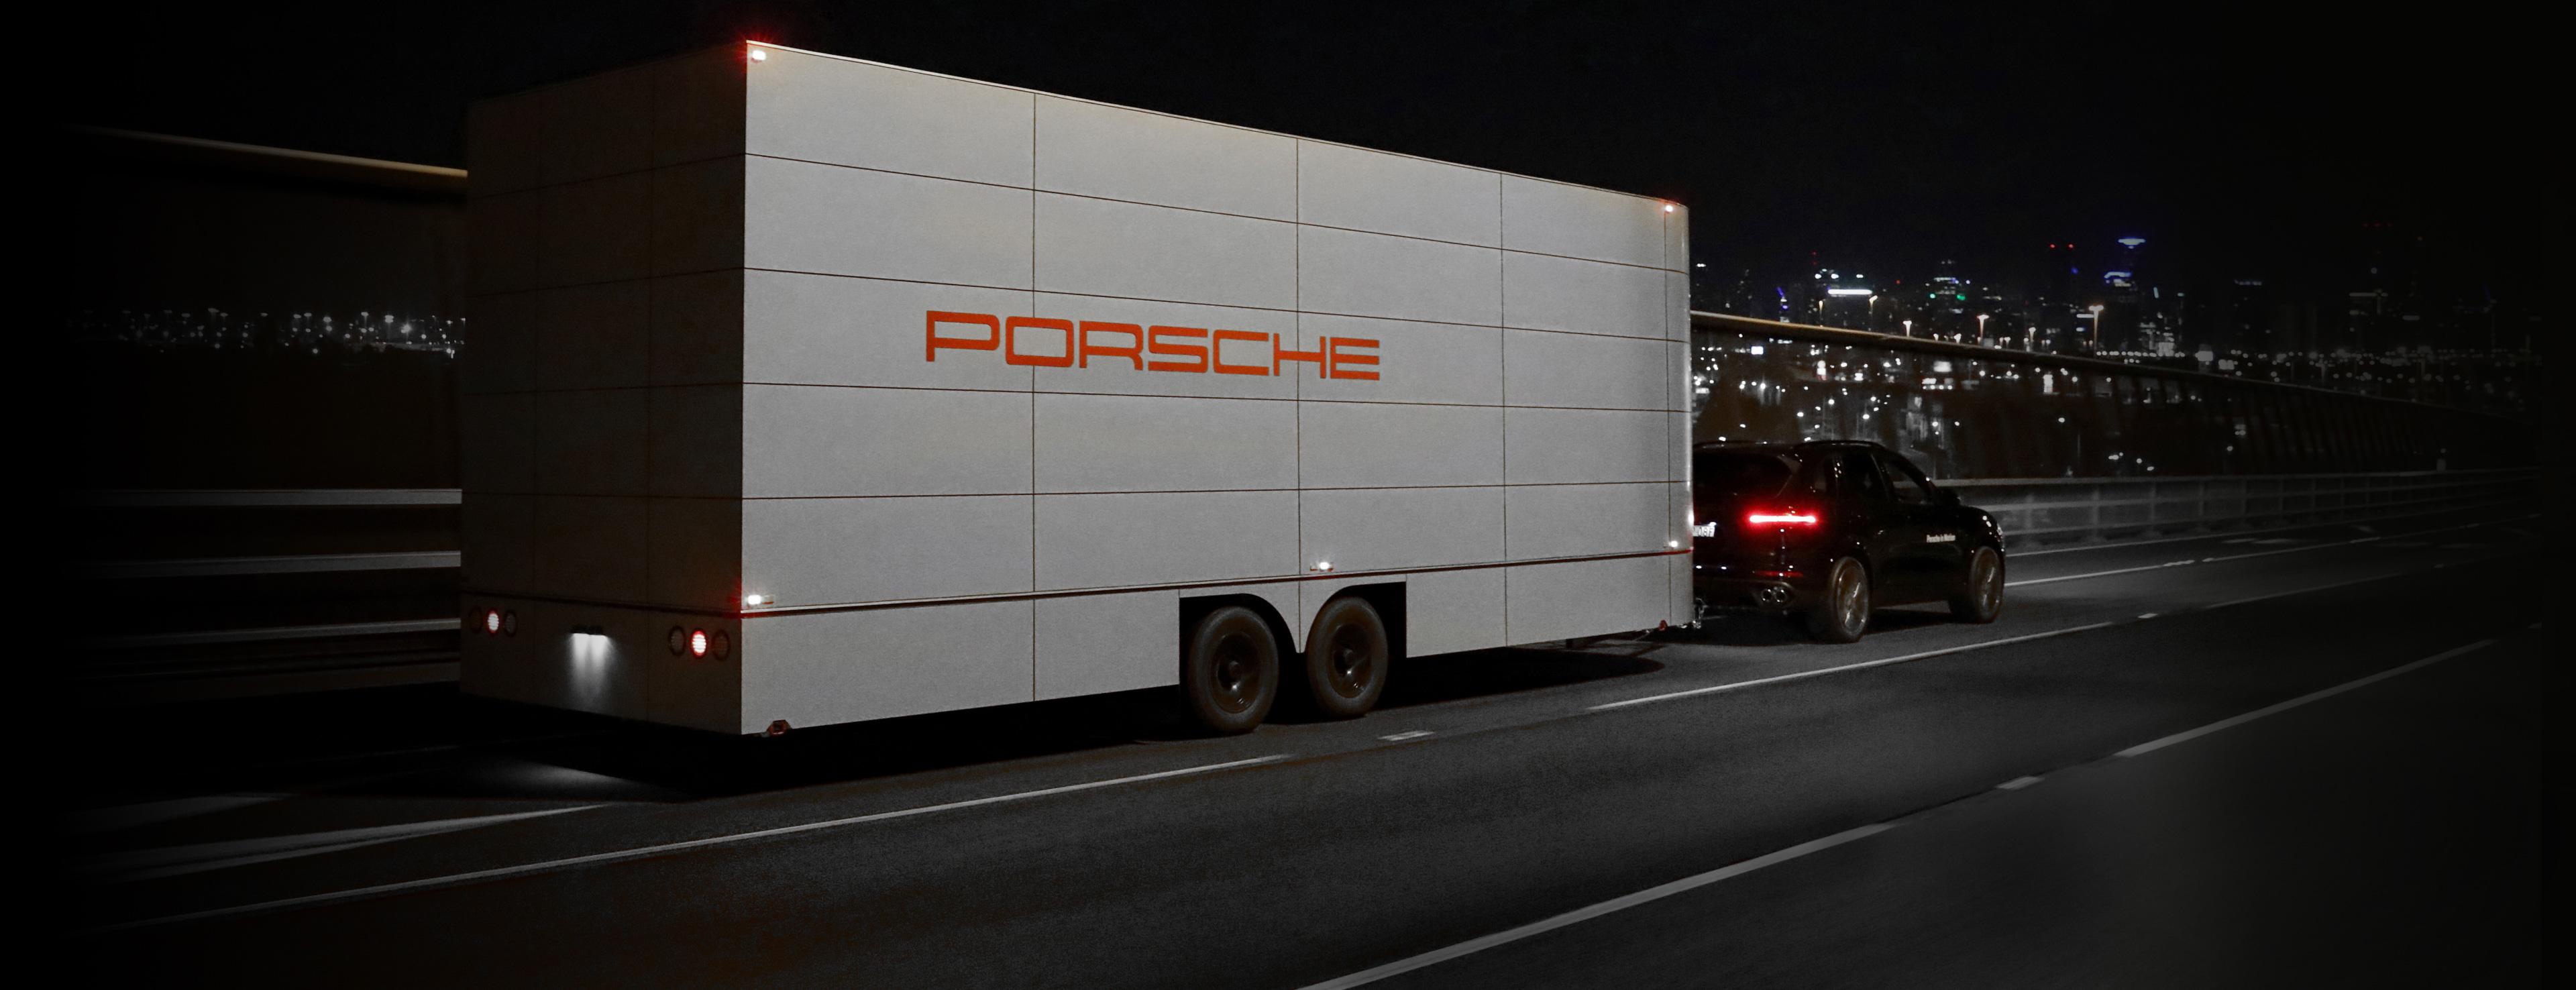 Porsche in Motion